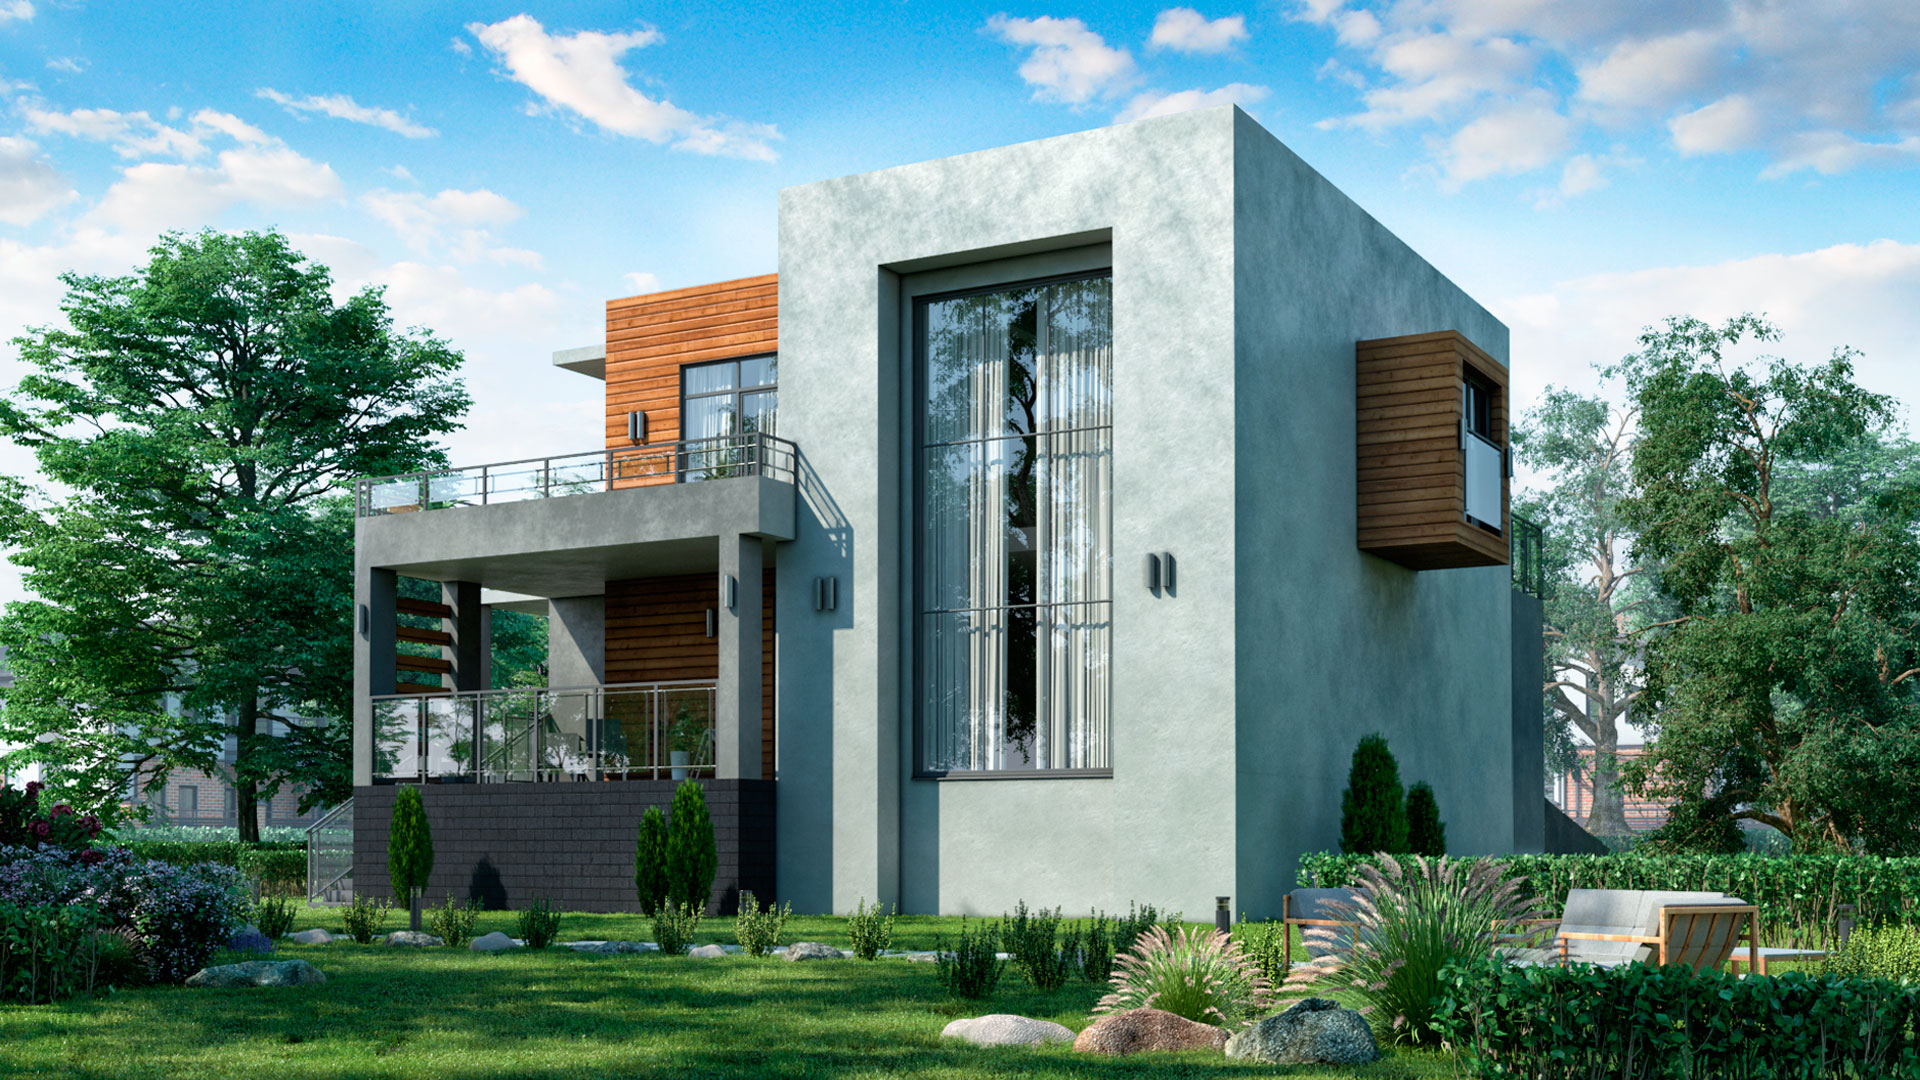 Задний фасад двухэтажного дома с гаражом на две машины 186,50 м2. Проект БЭНПАН-274.